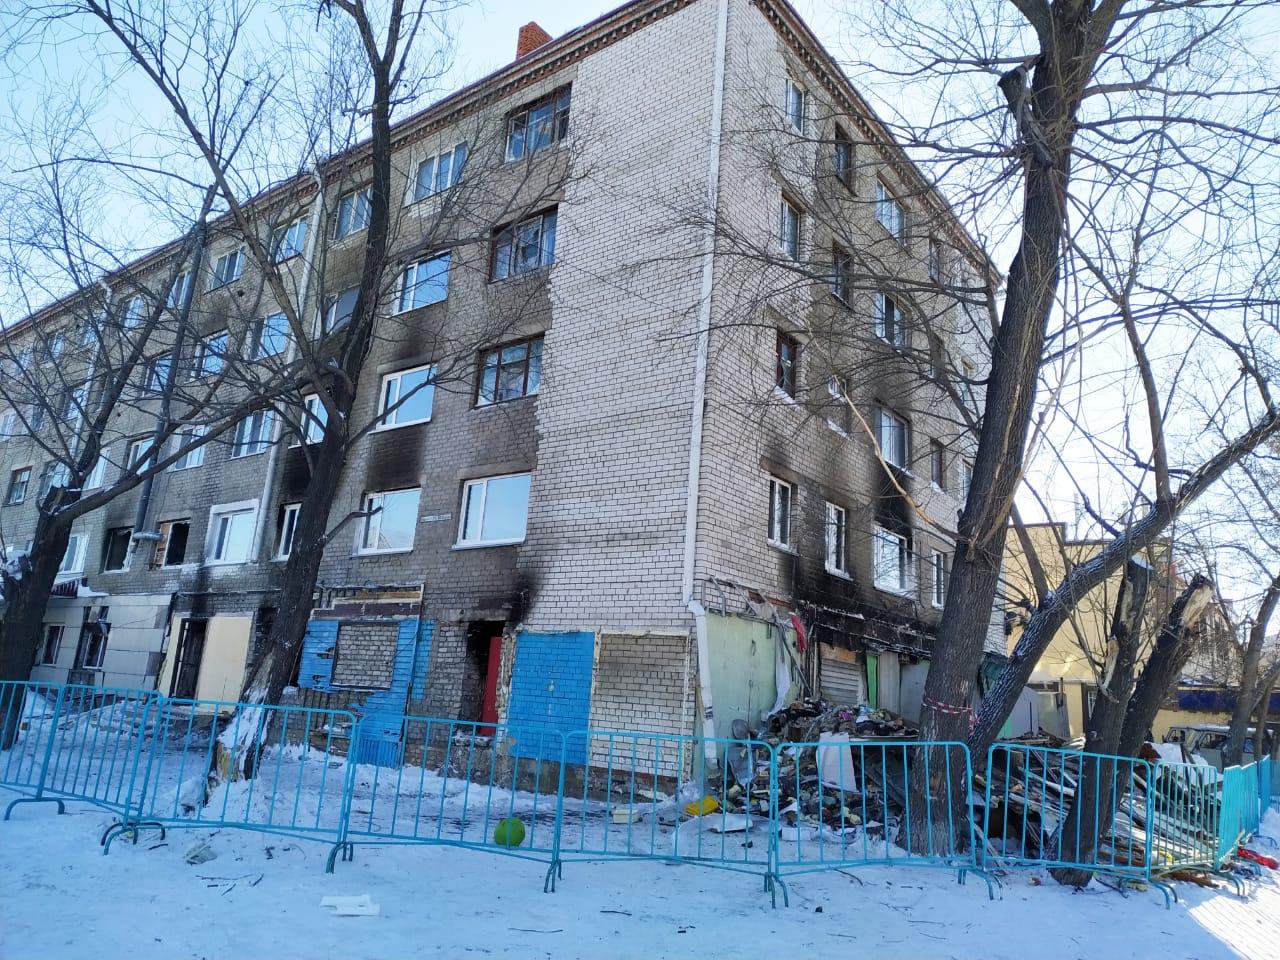 Аким Петропавловска: Ни один из пострадавших не останется без внимания